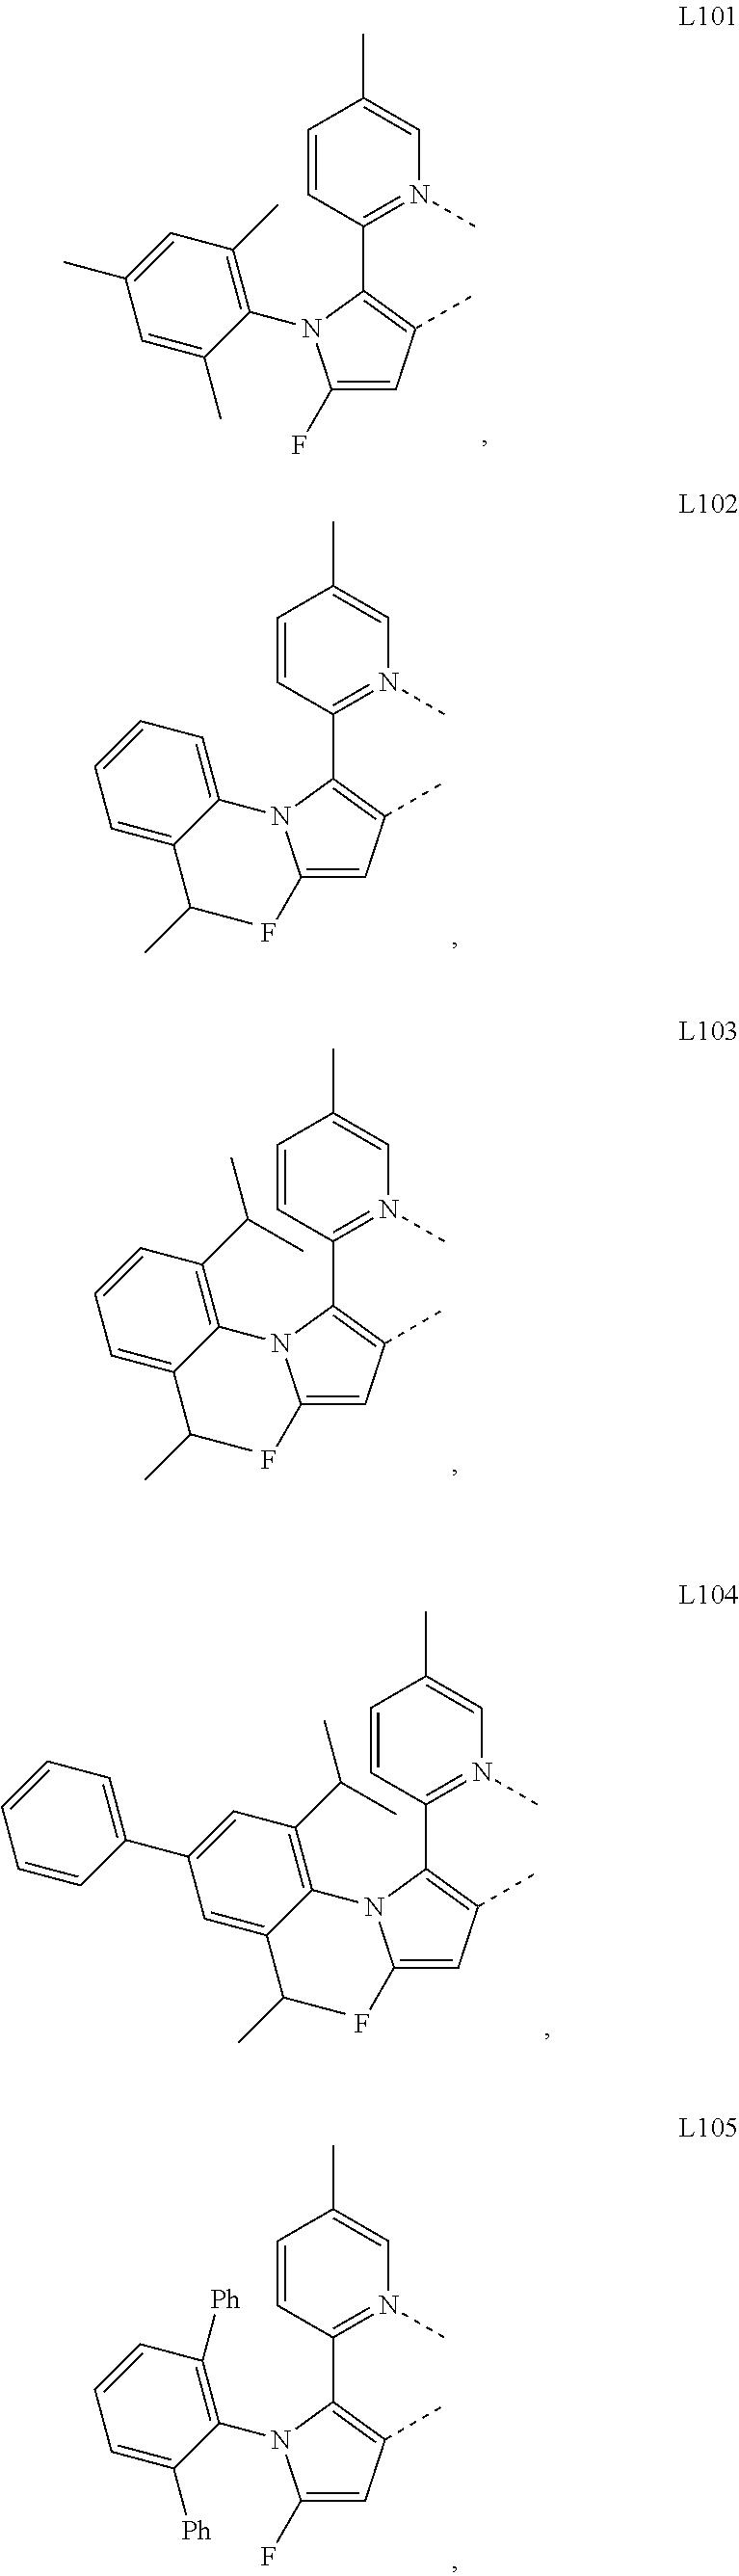 Figure US09935277-20180403-C00025